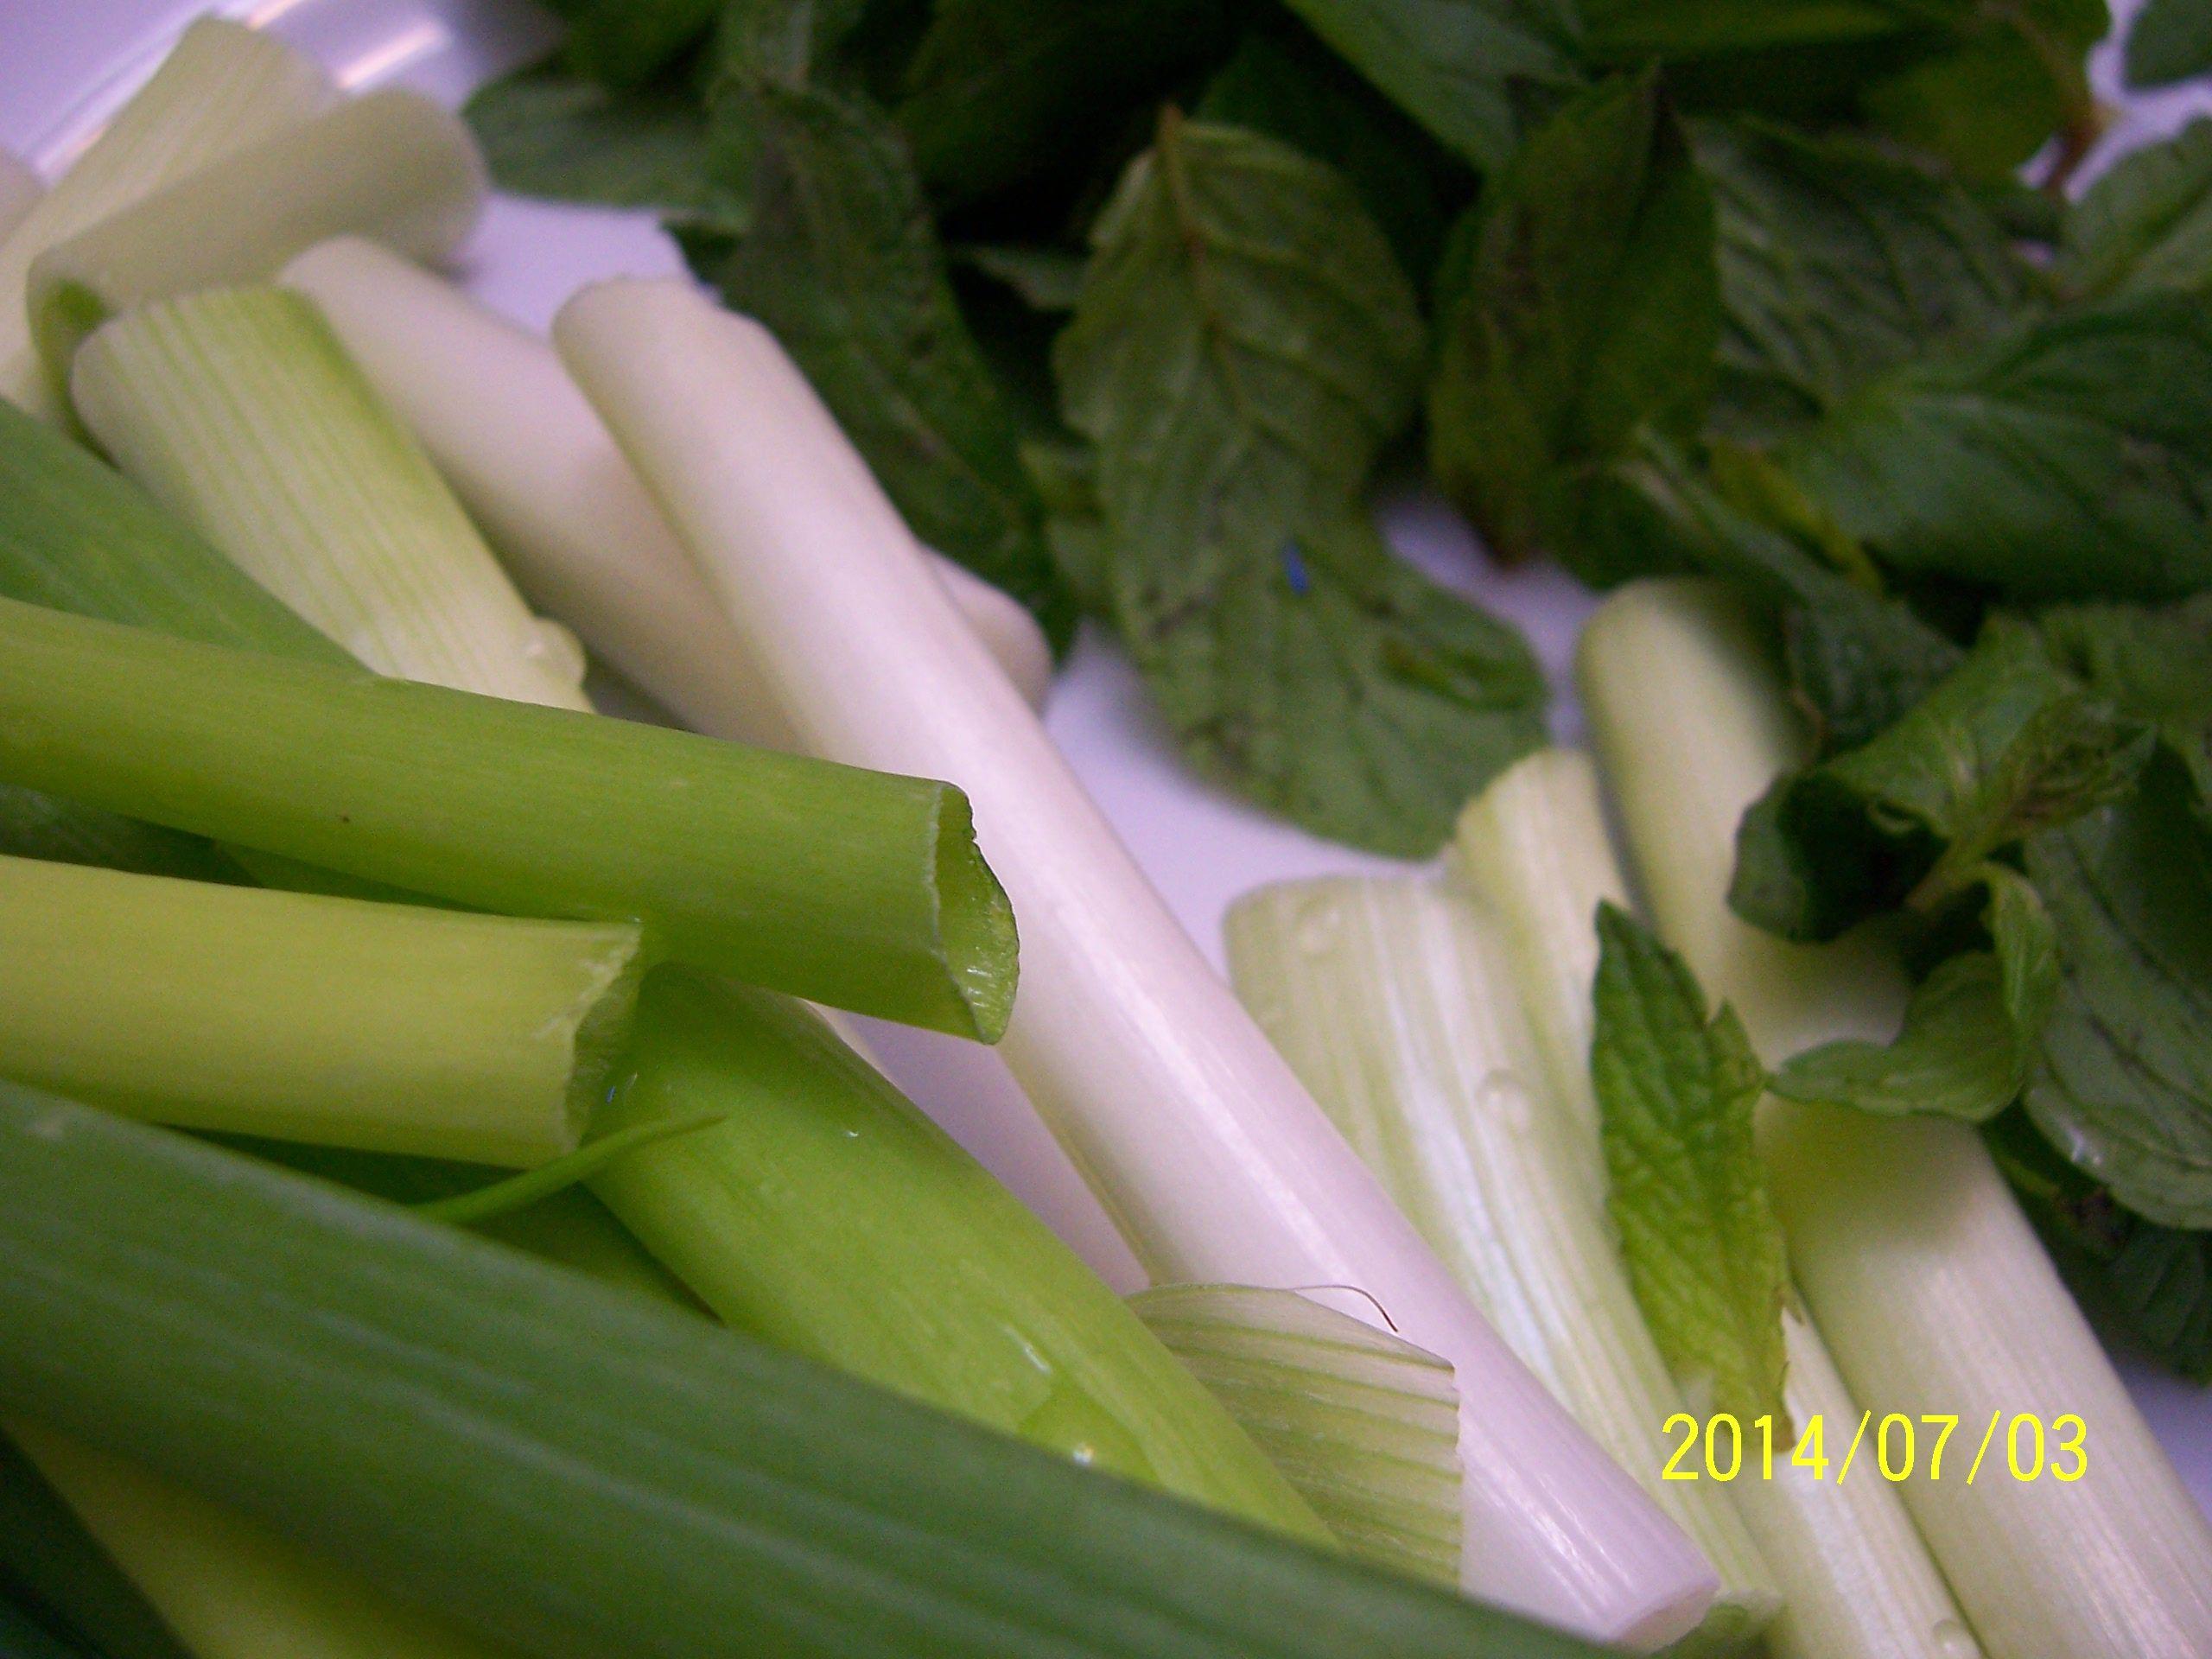 نعنع و بصل أخضر أو يابس و البندورة التفاحية تأكل مع الفاصولية بالزيت يا سلام ما أطيبها Vegetables Celery Food